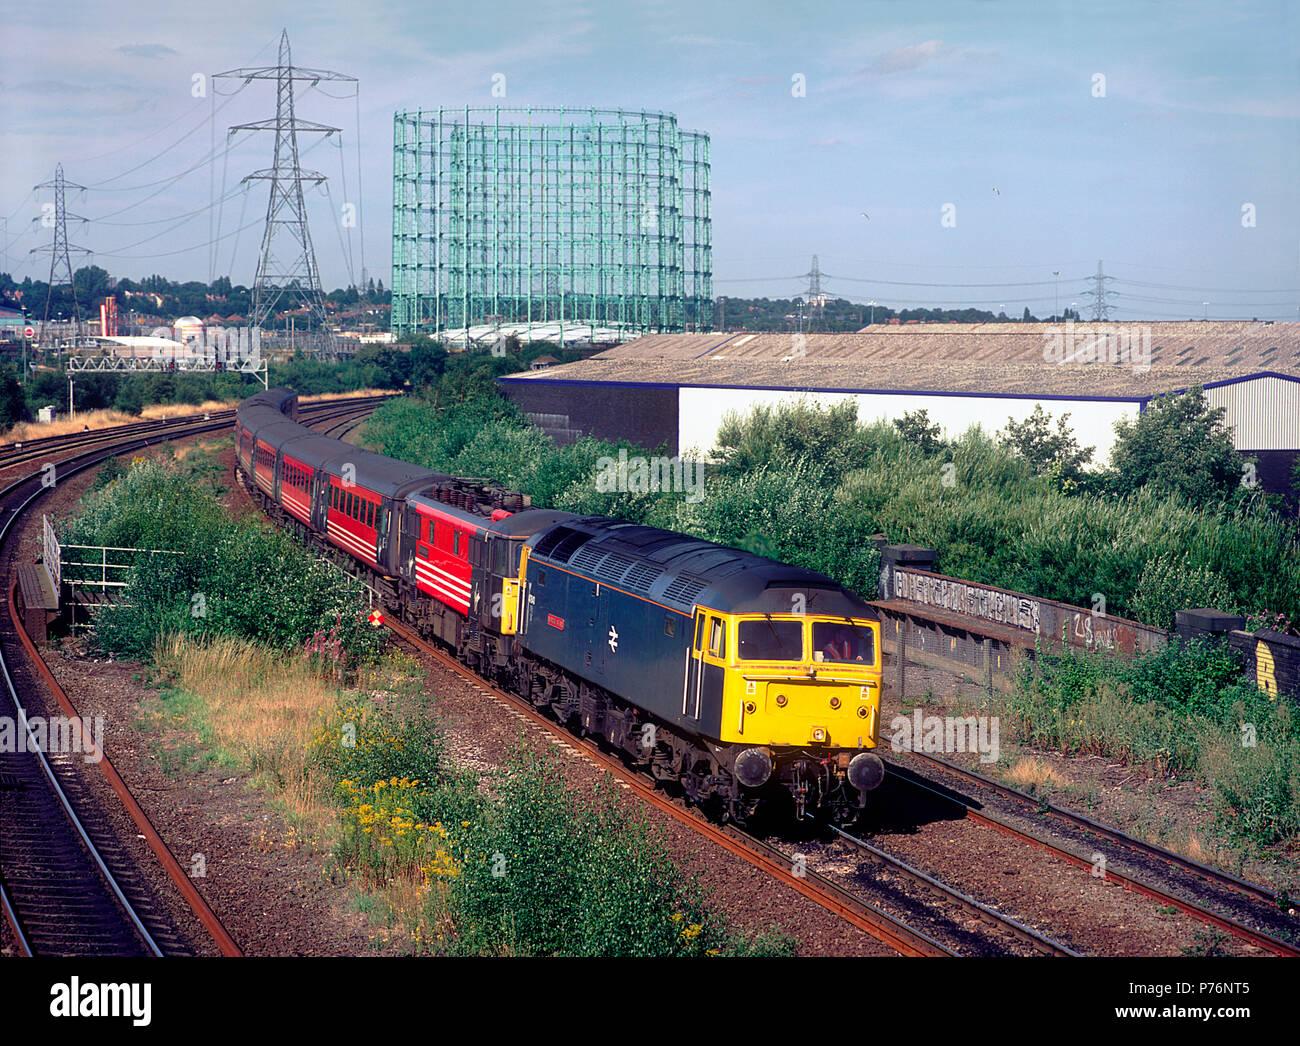 Br Diesel Electric Locomotive Stock Photos & Br Diesel